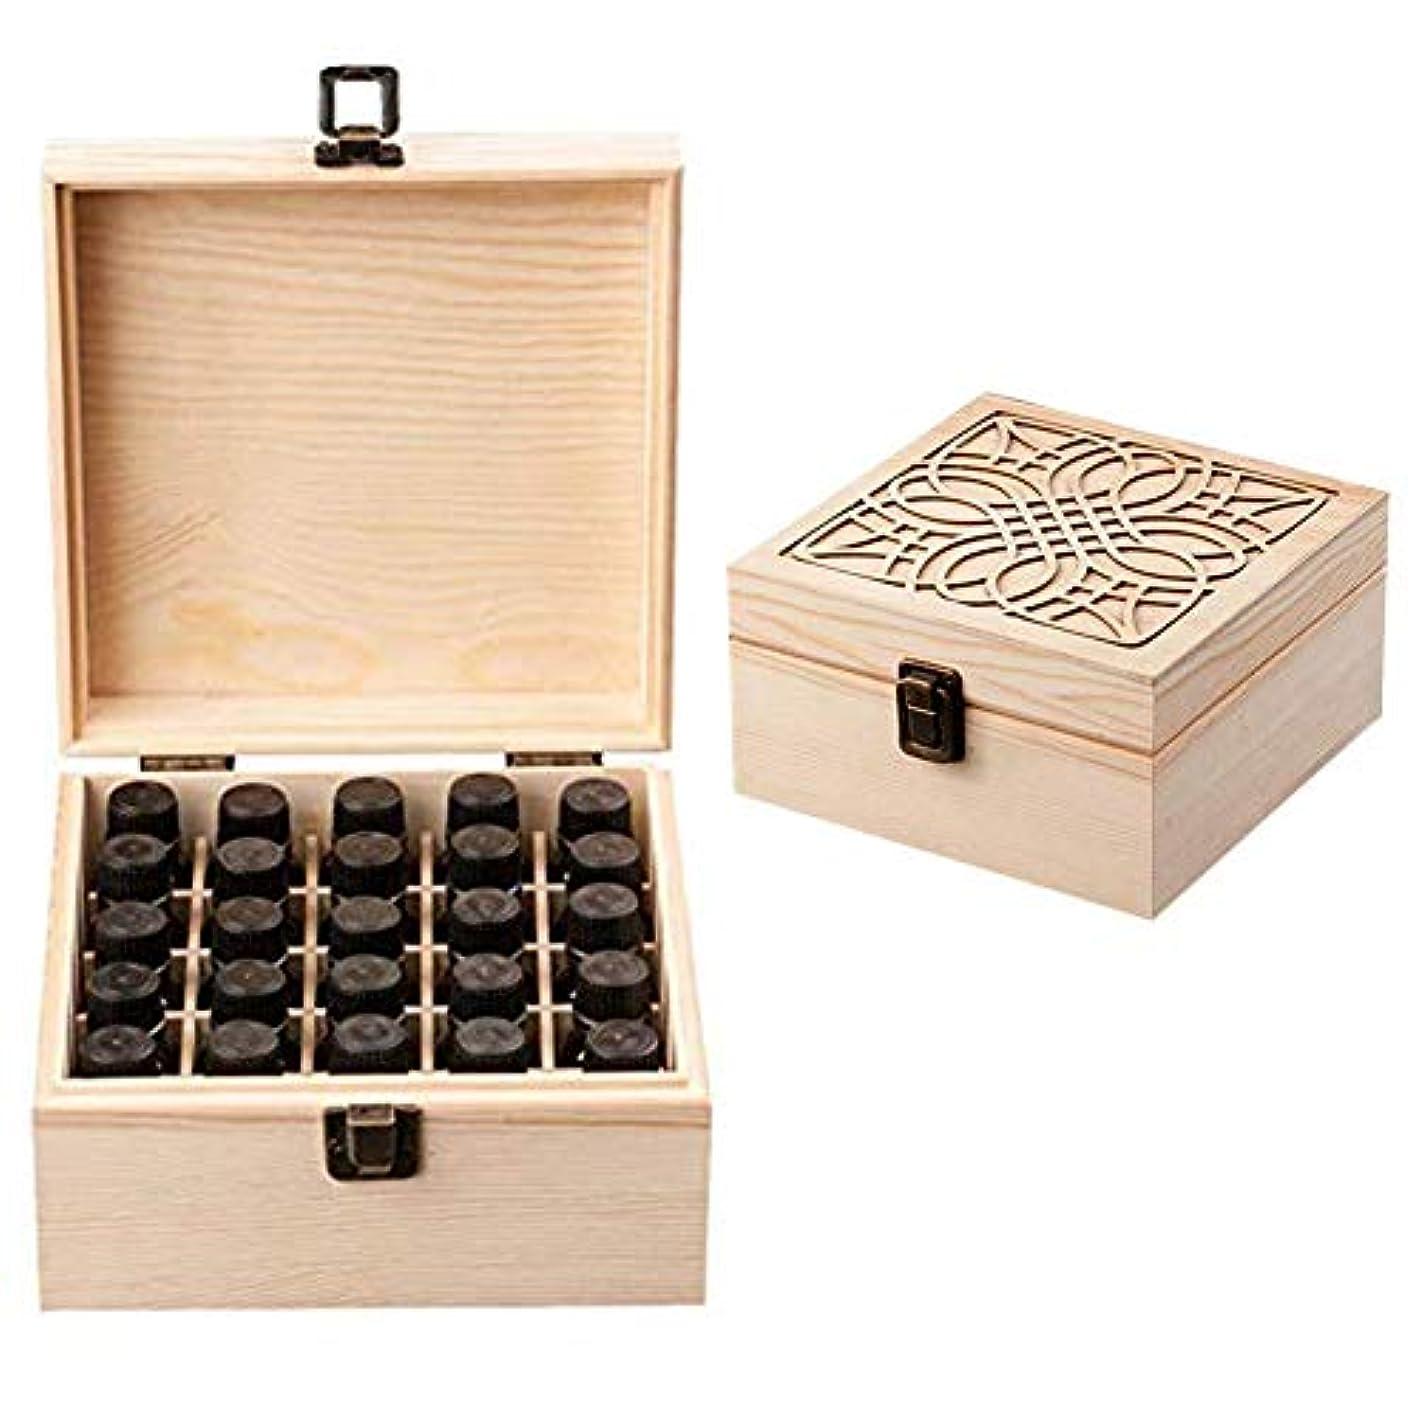 提出する救出め言葉エッセンシャルオイル収納ボックス 大容量 和風 レトロ 木製 精油収納 携帯便利 オイルボックス 飾り物 25本用